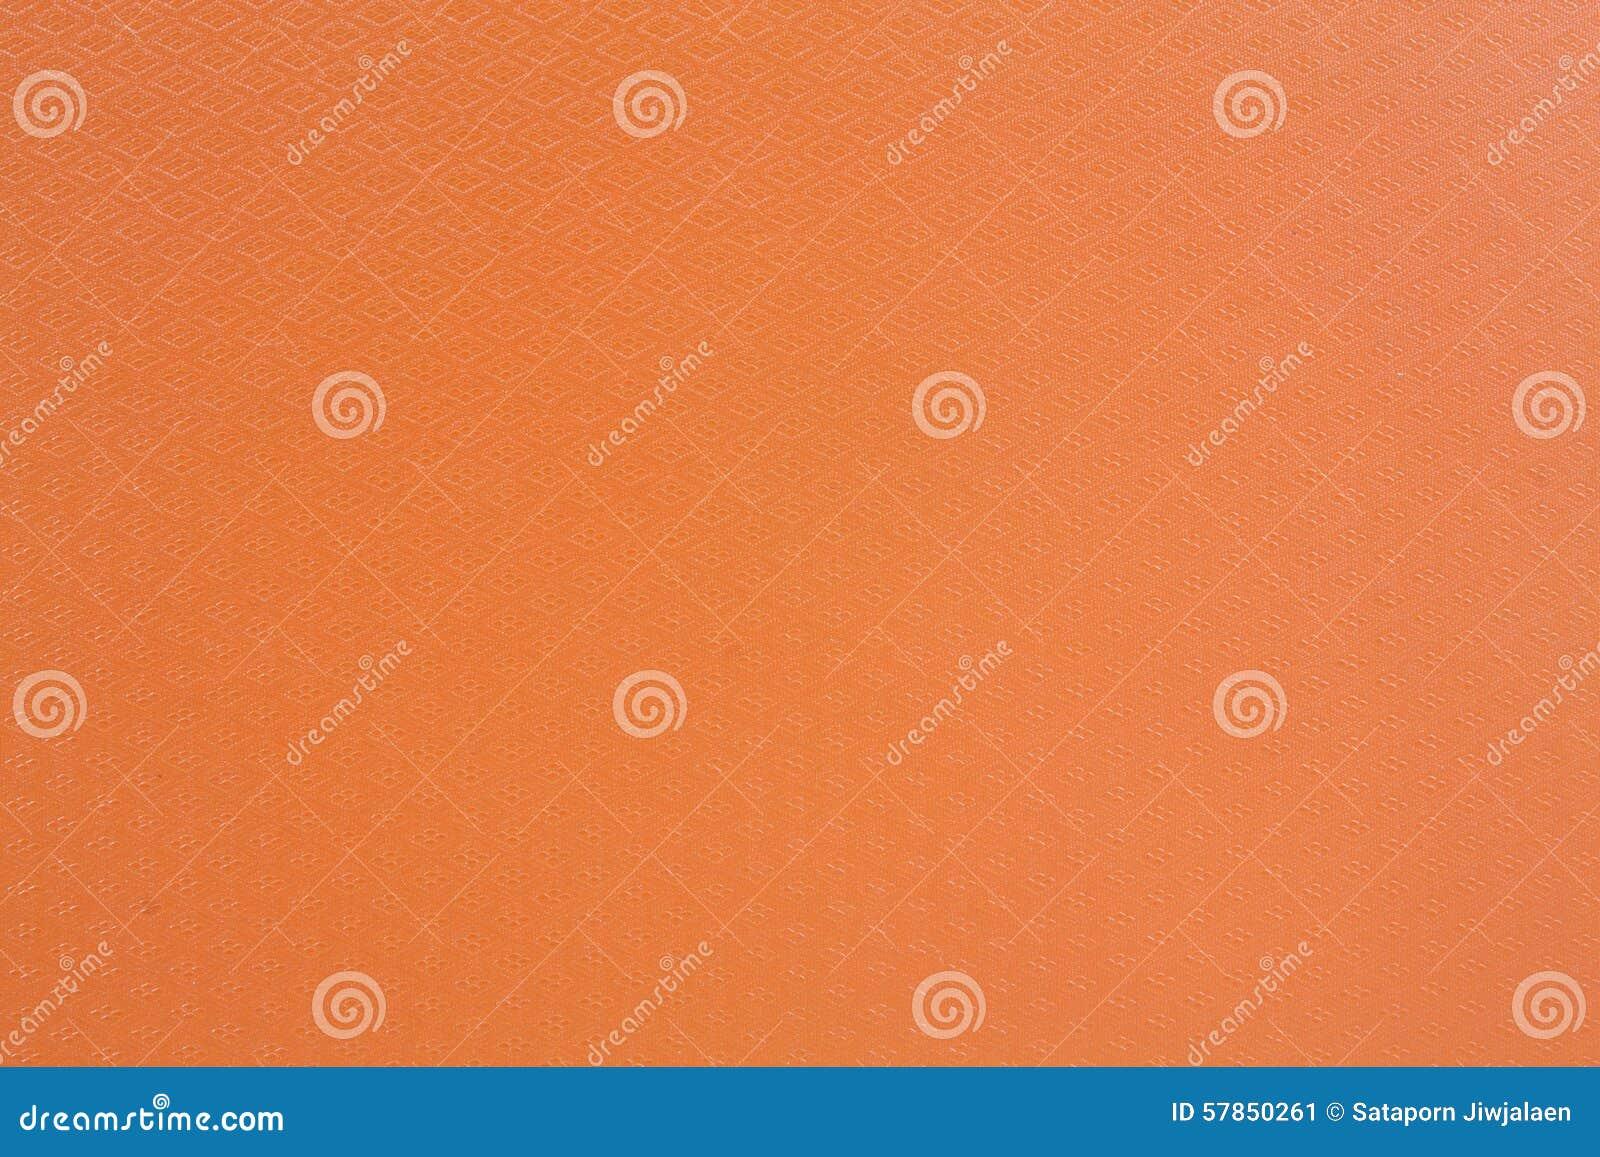 Texture En Plastique Orange Image stock - Image du propre, conception: 57850261